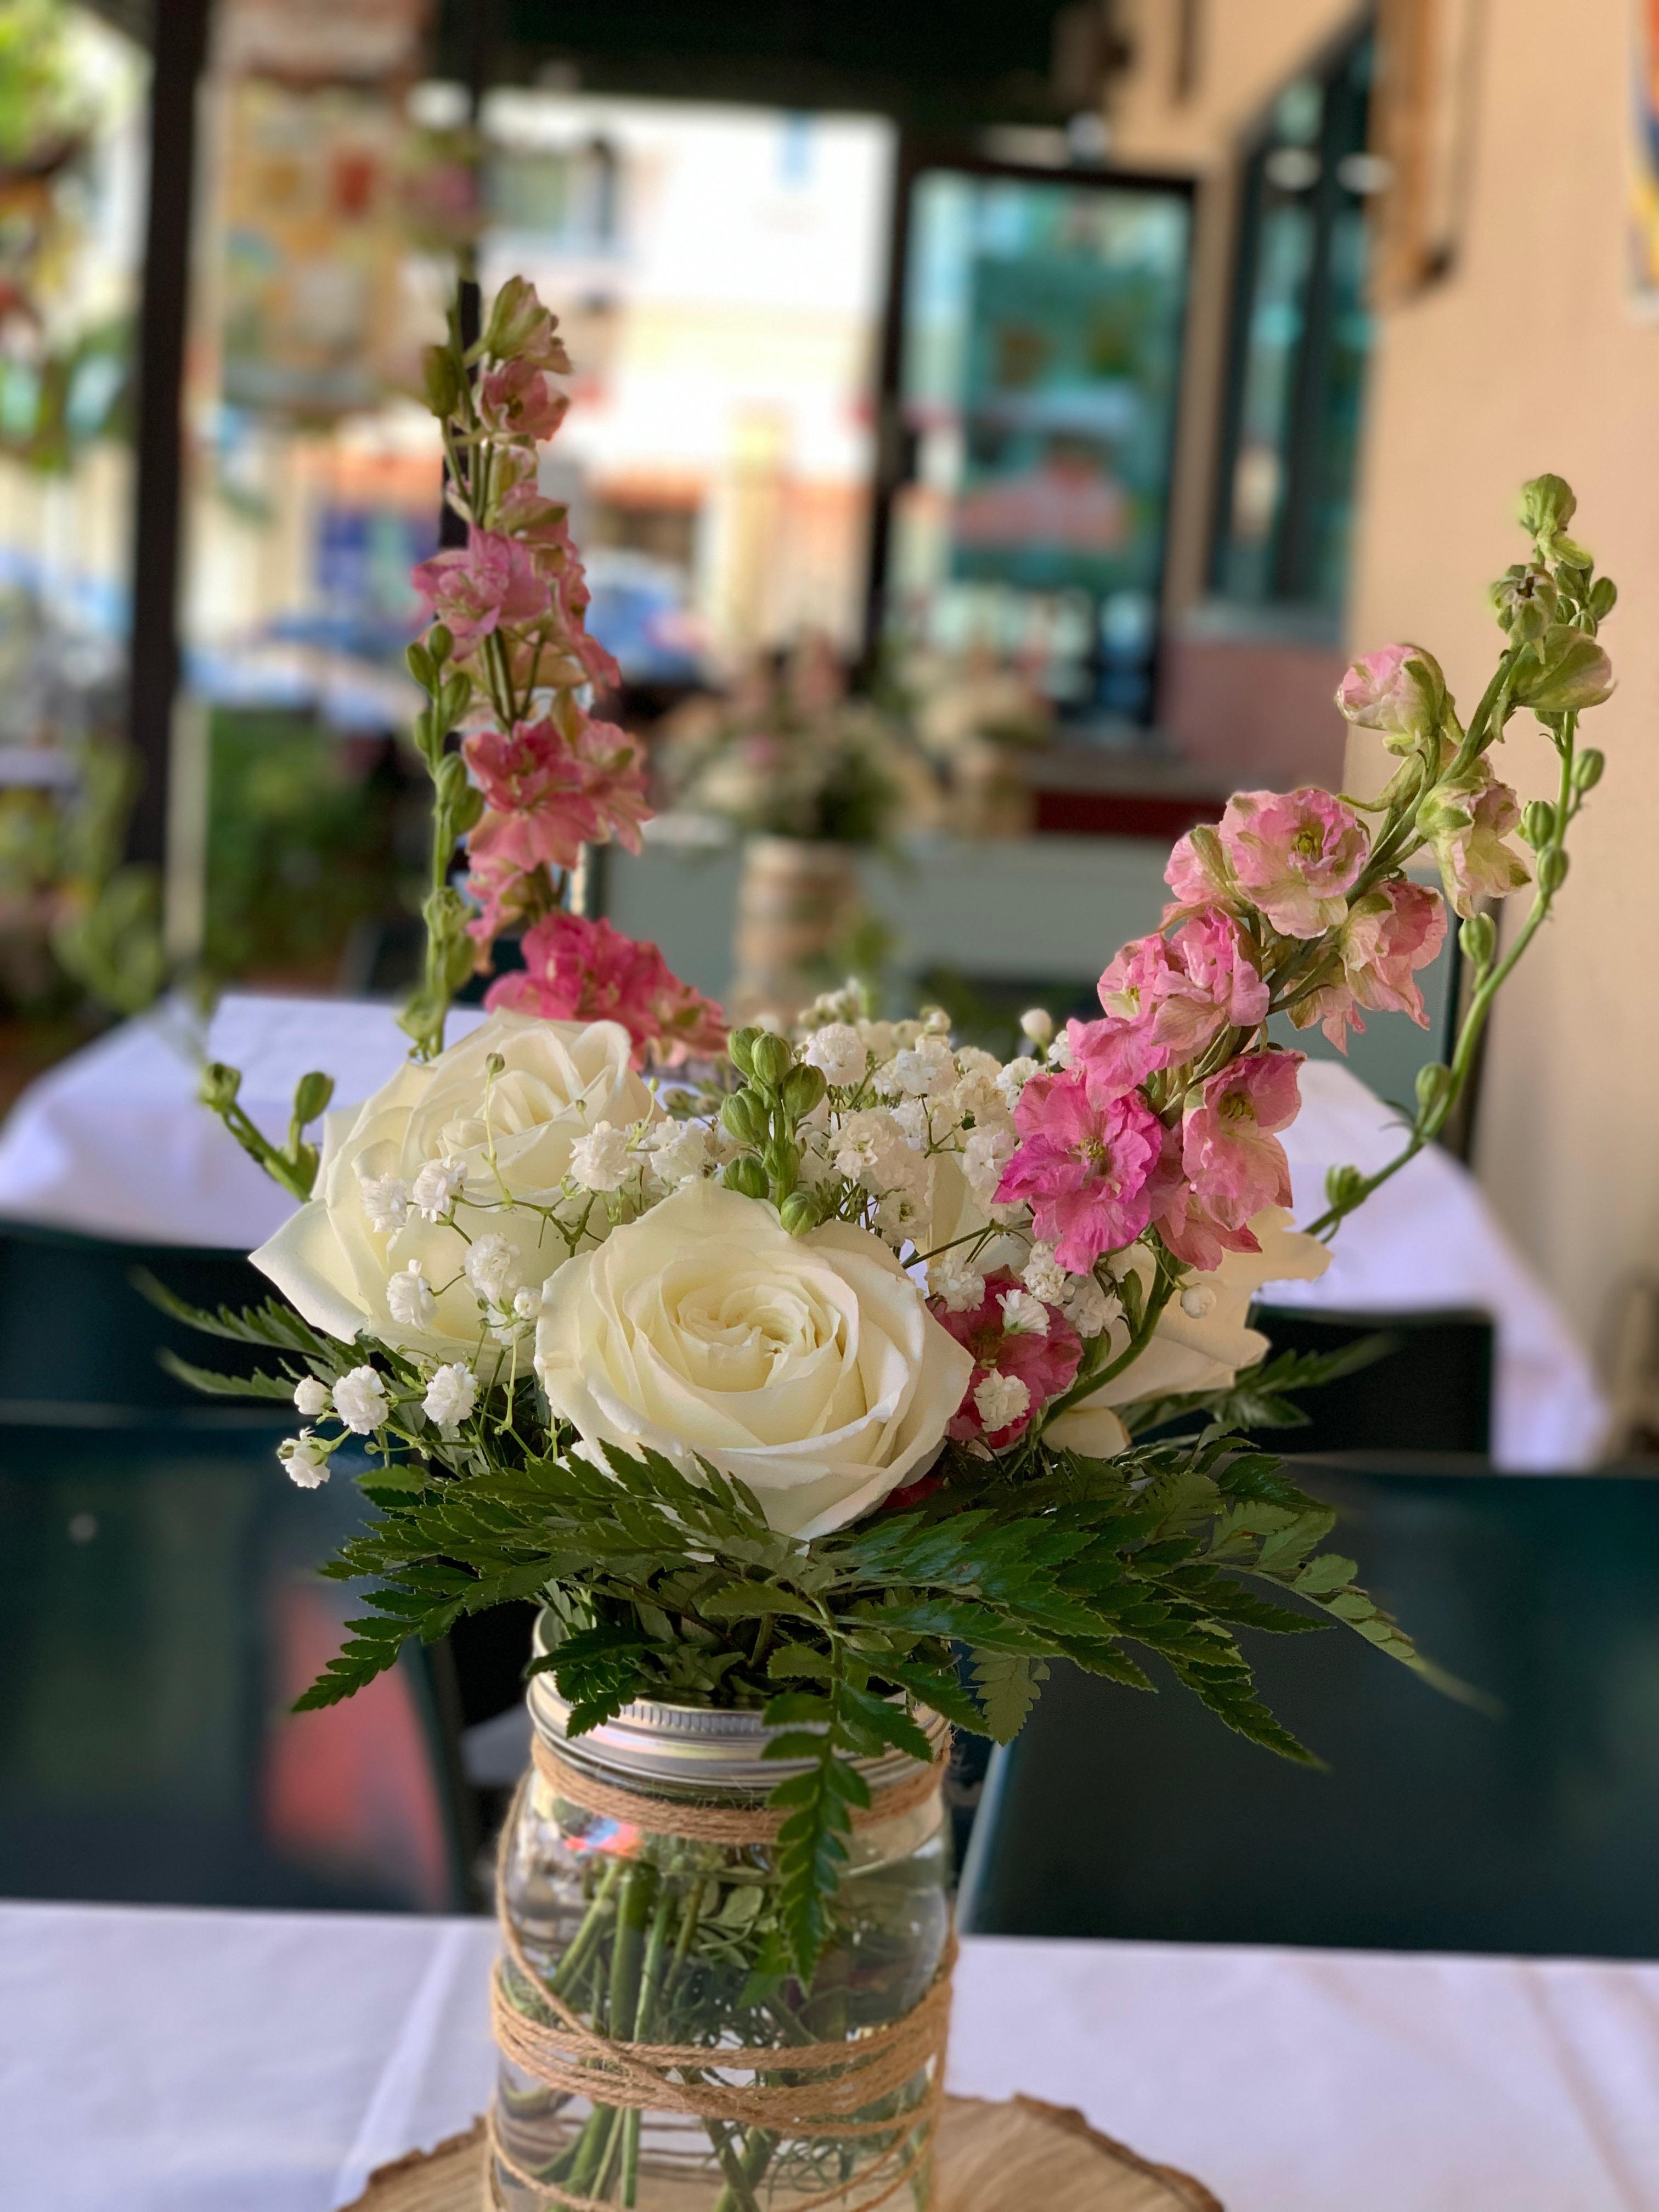 https://0201.nccdn.net/1_2/000/000/15e/8a2/flores-decoracion-de-mesas-3024x4032.jpg